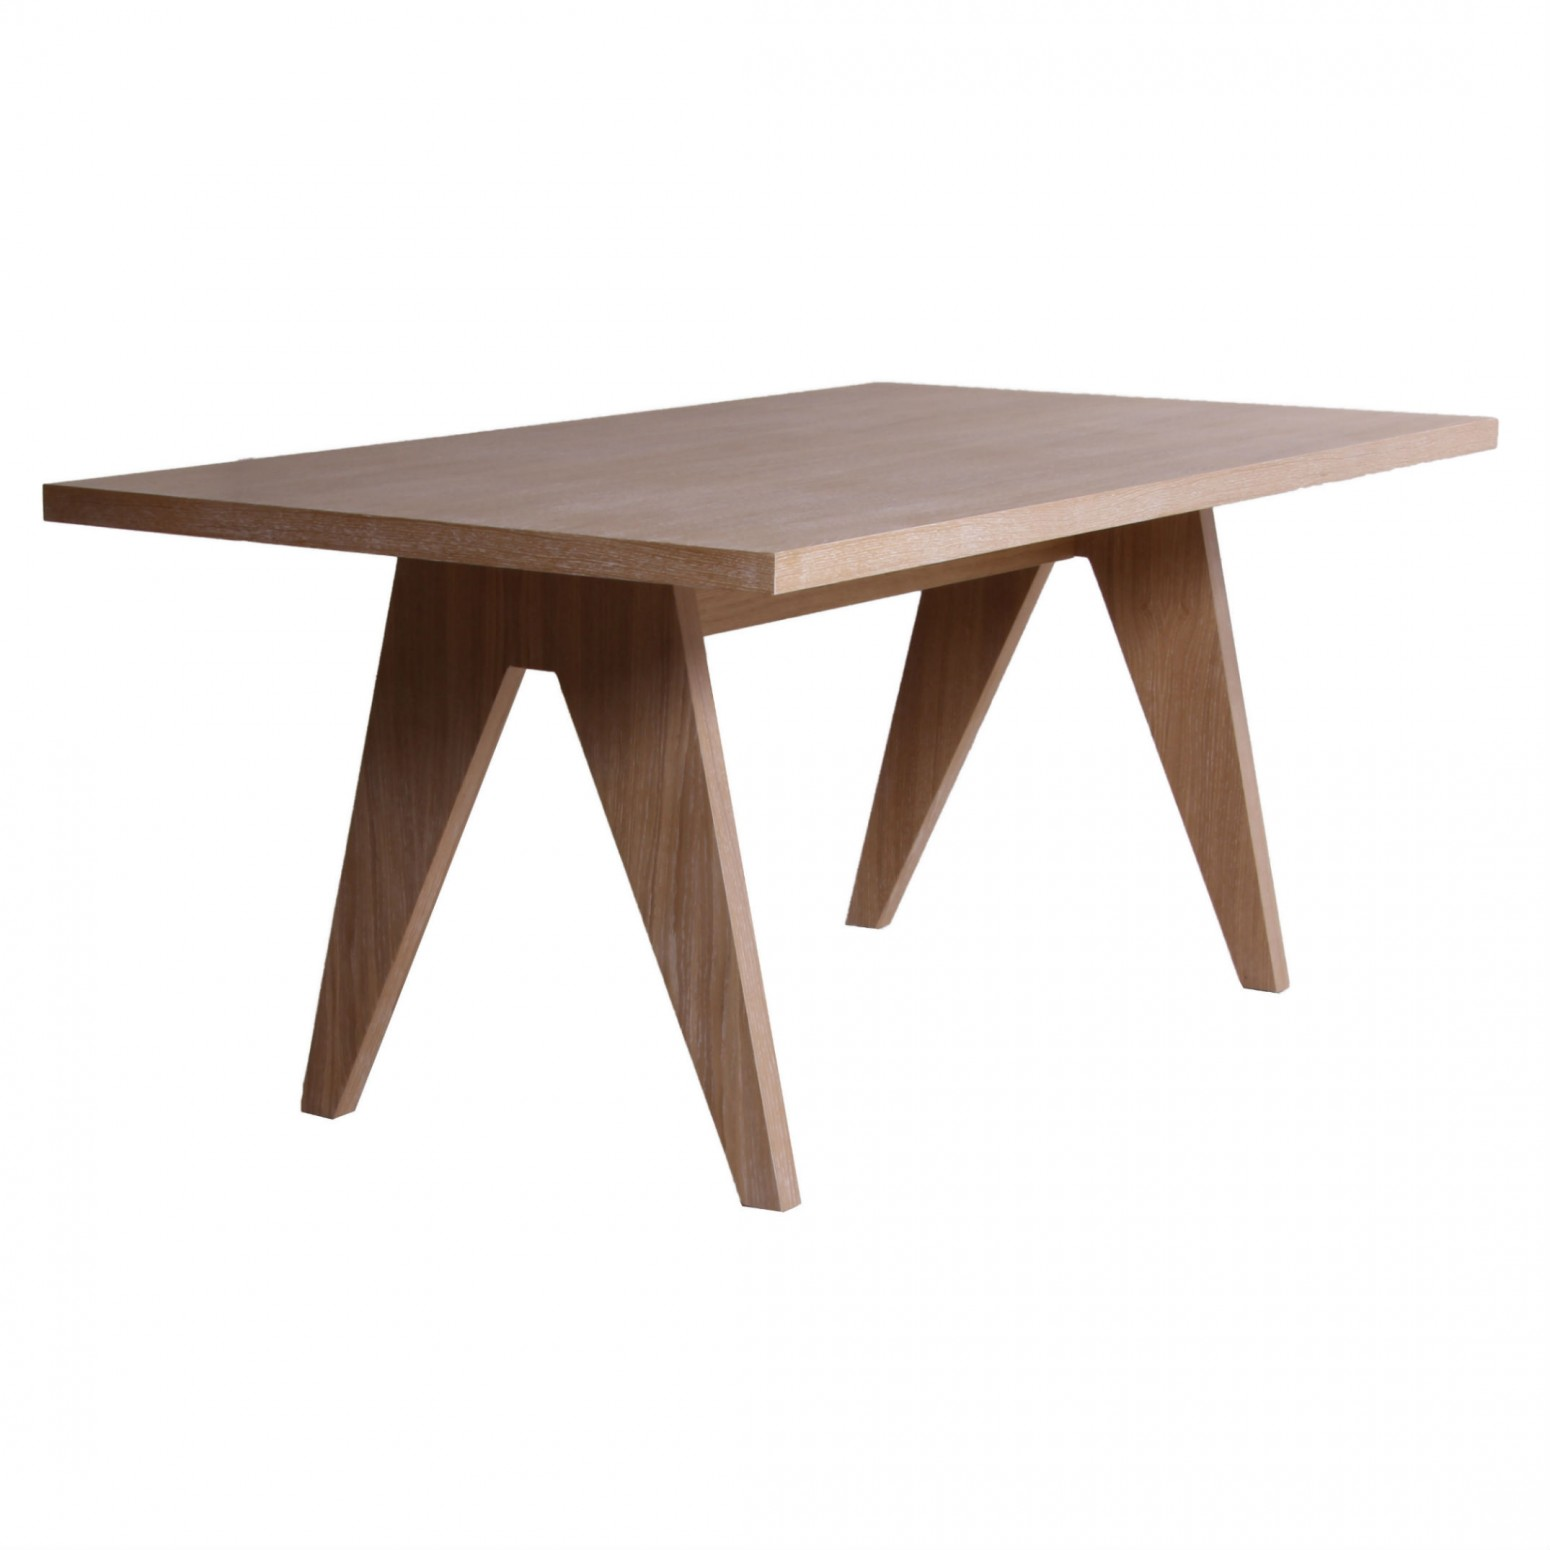 table de salle a manger rectangulaire en bois